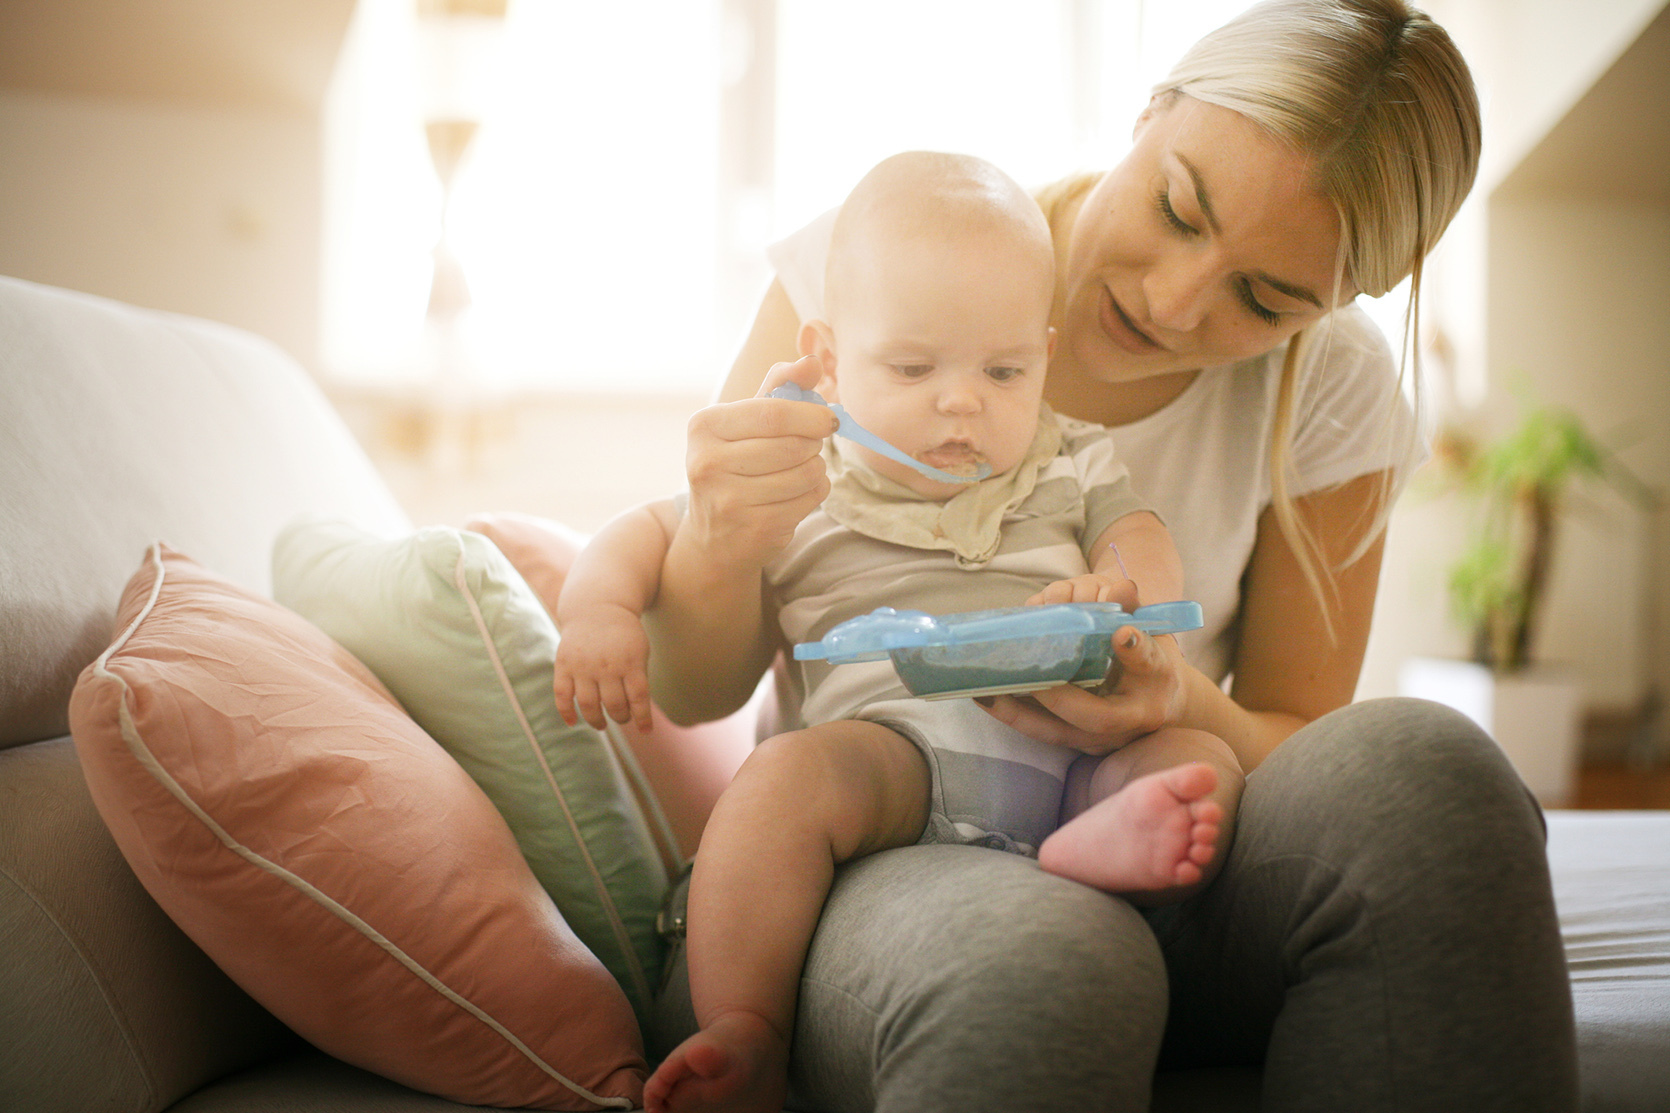 Od kiedy kaszki dla niemowląt?